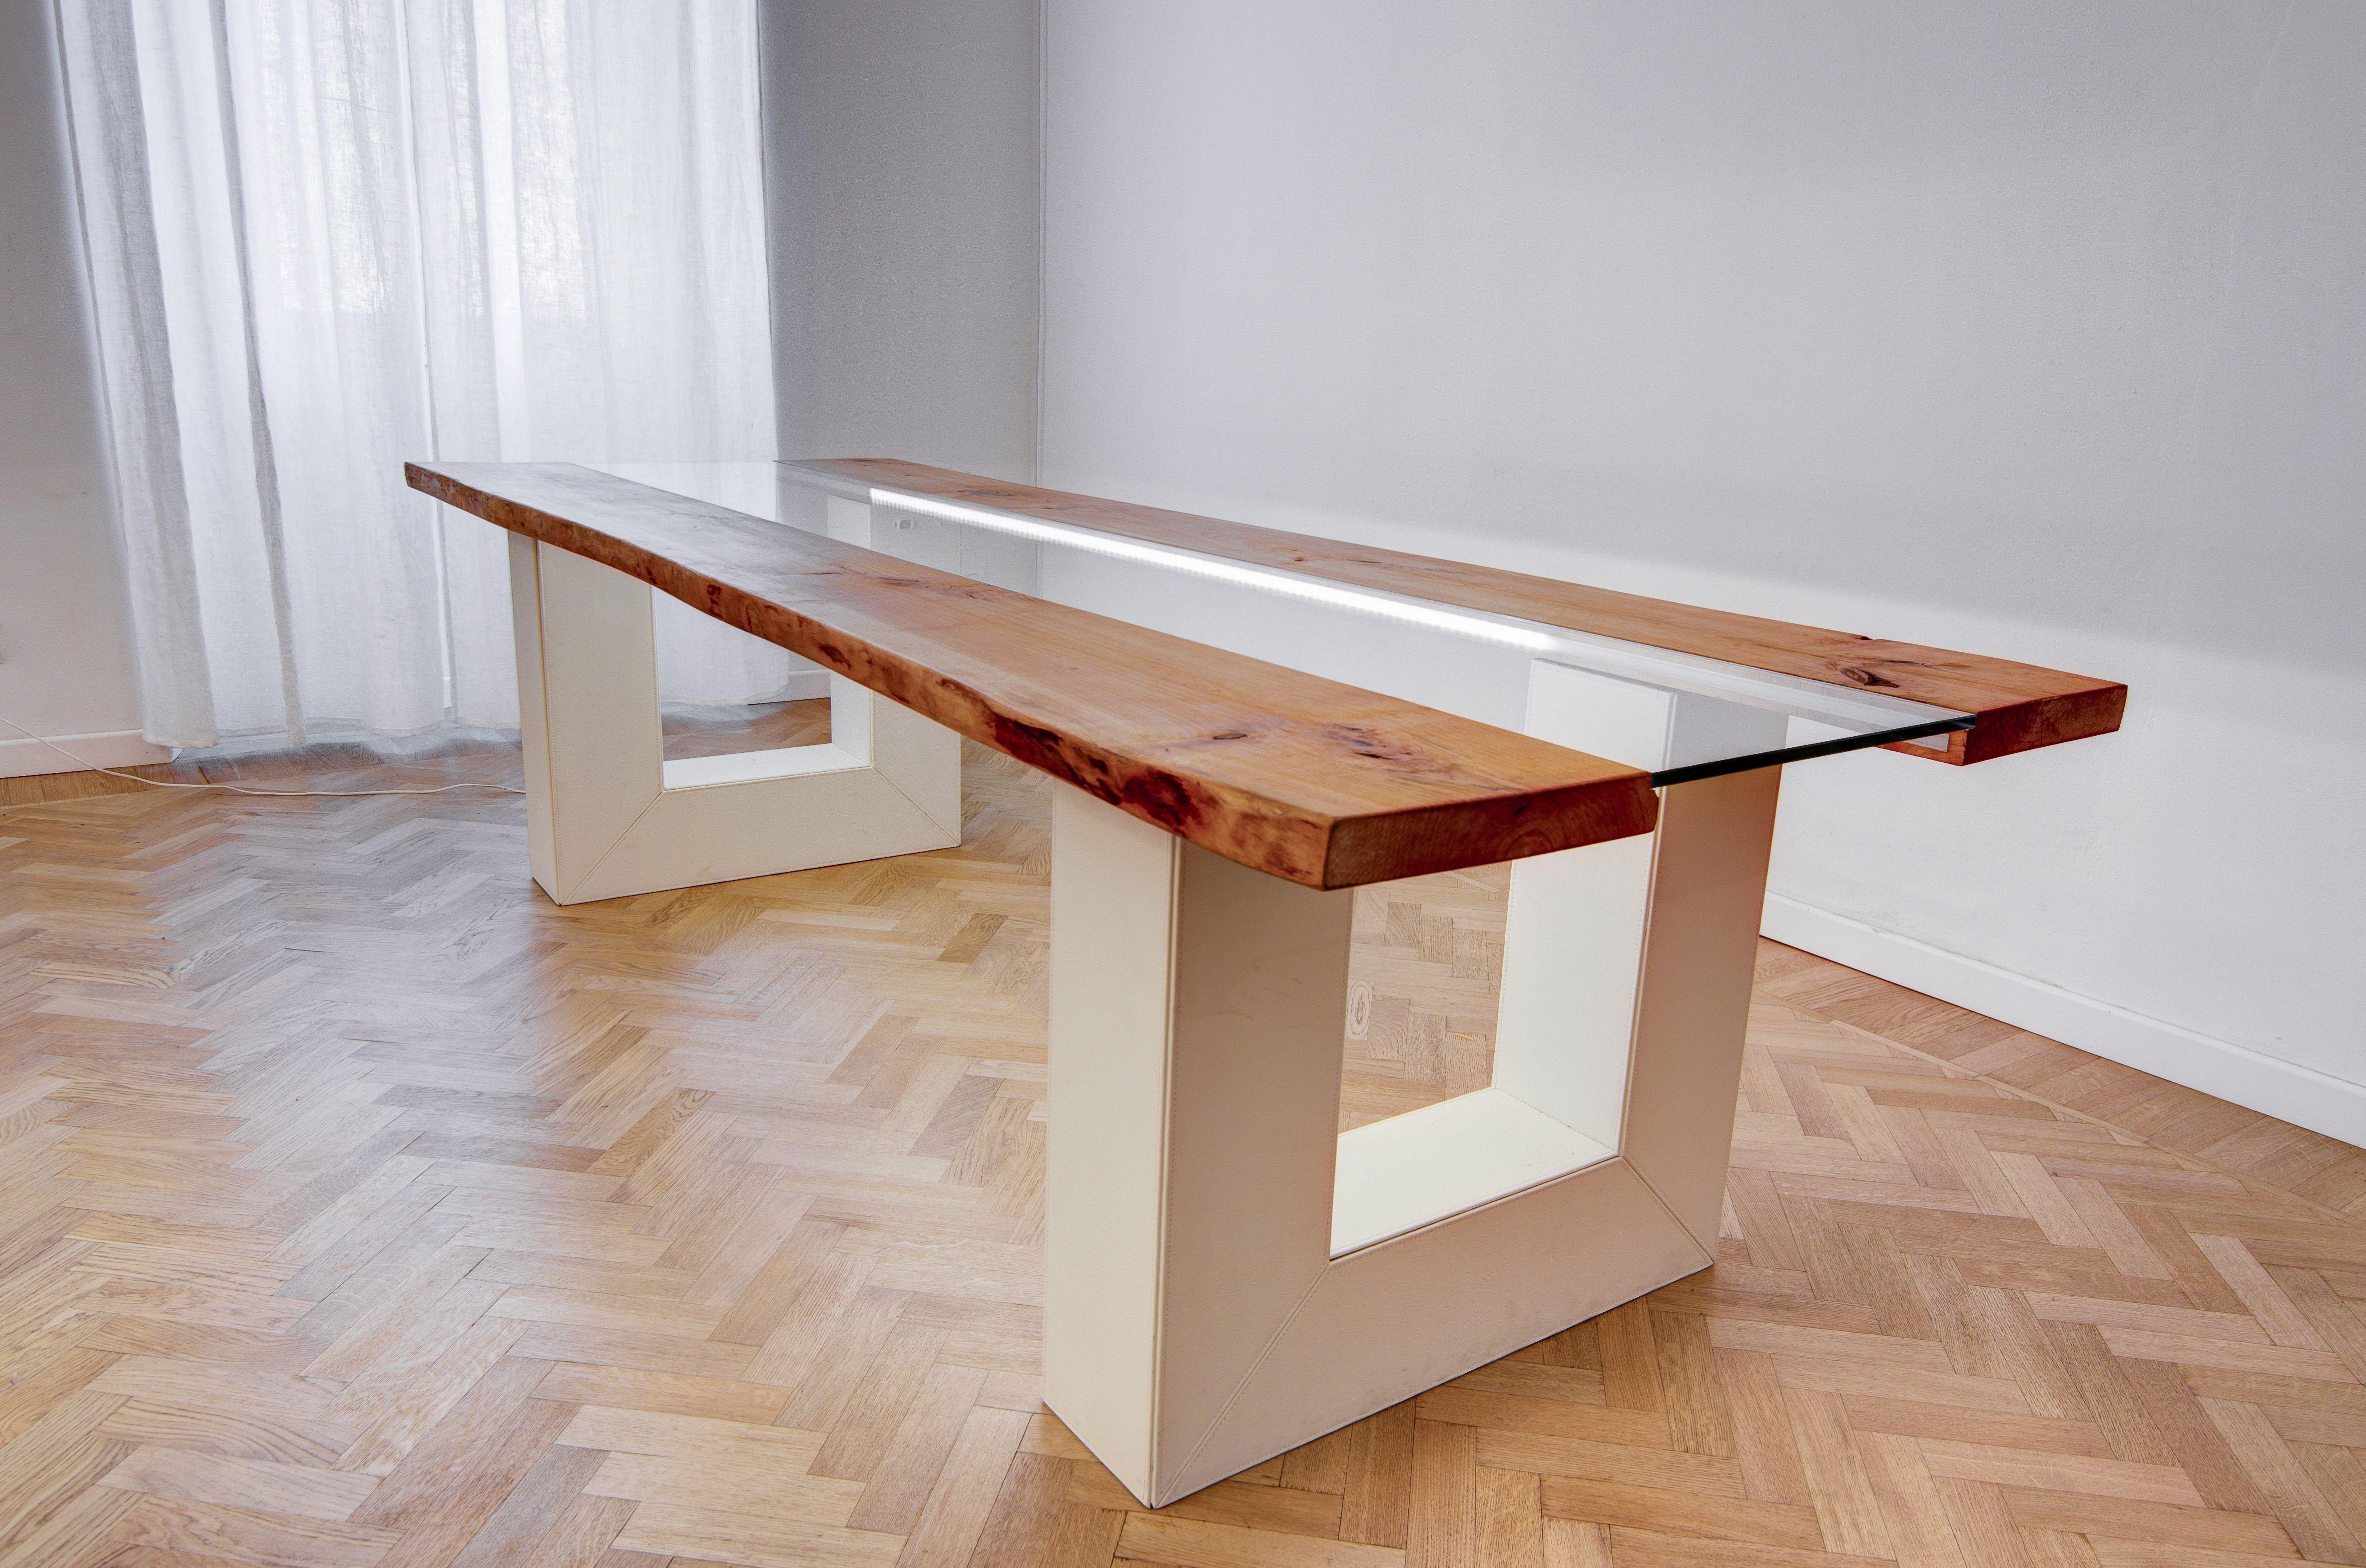 Tavolo componibile scelta dei materiali tavola grezza for Tavola da pranzo in legno